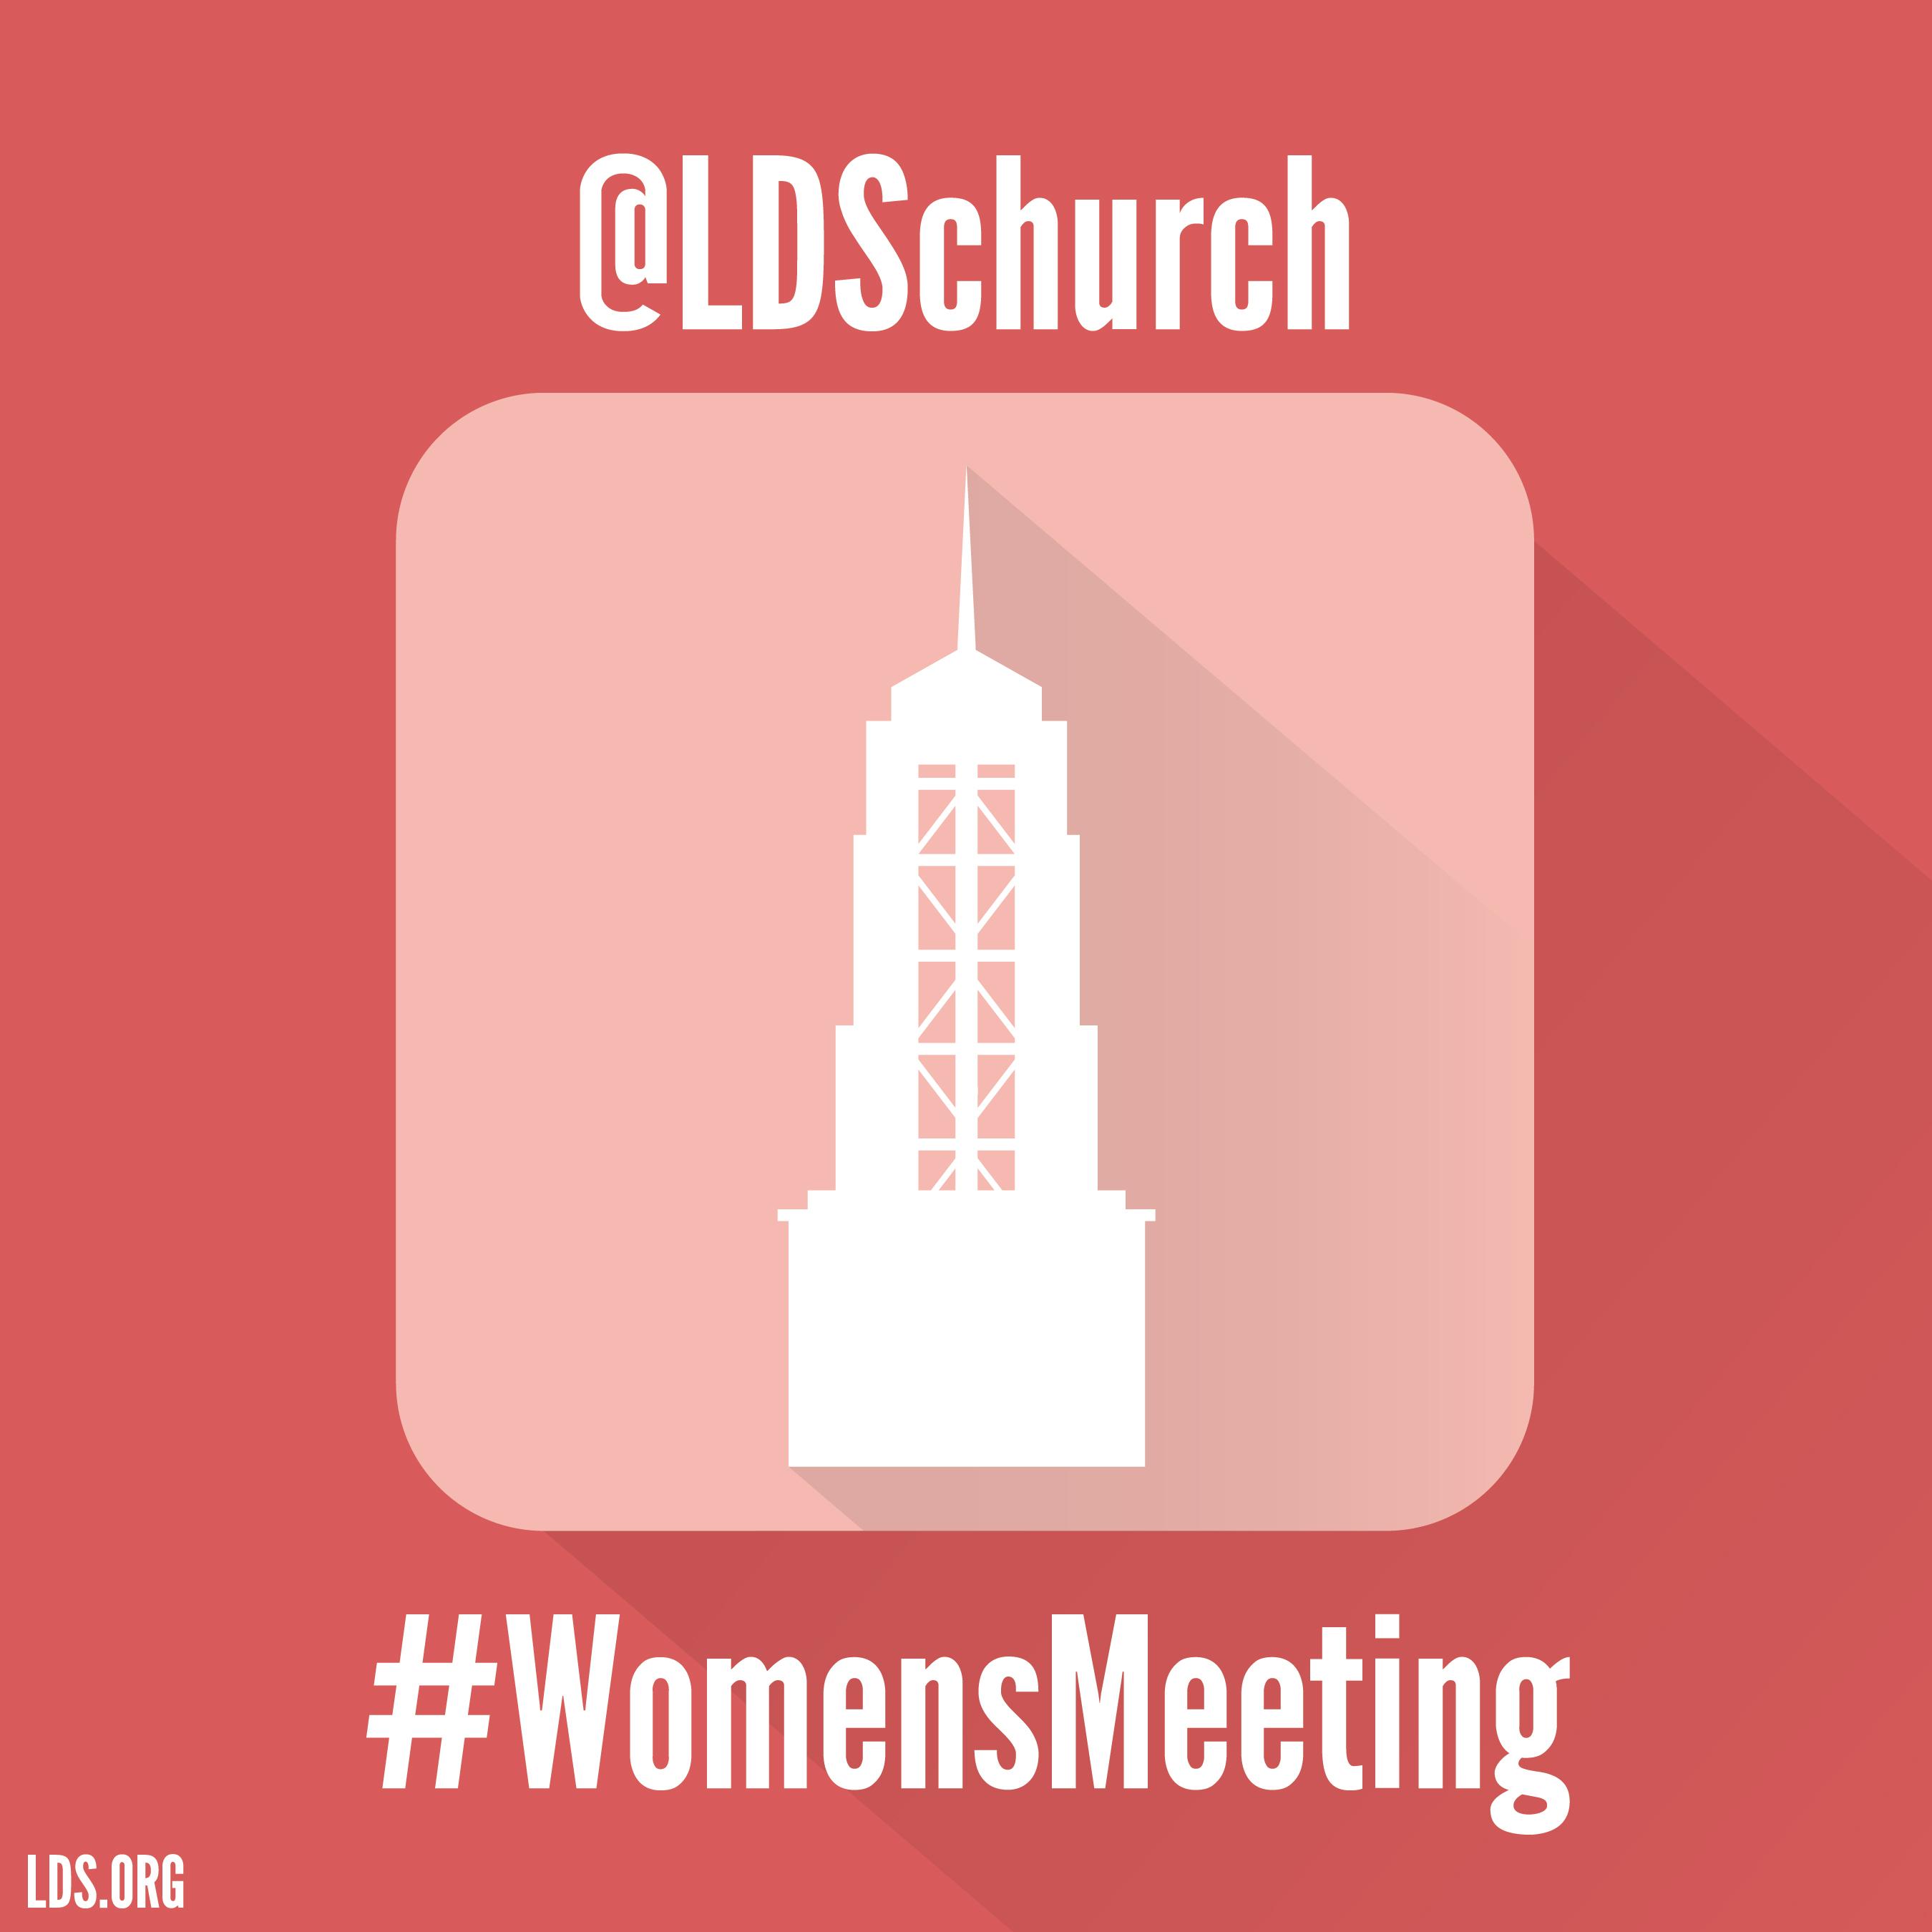 Andere zur Allgemeinen Schwesternversammlung einladen